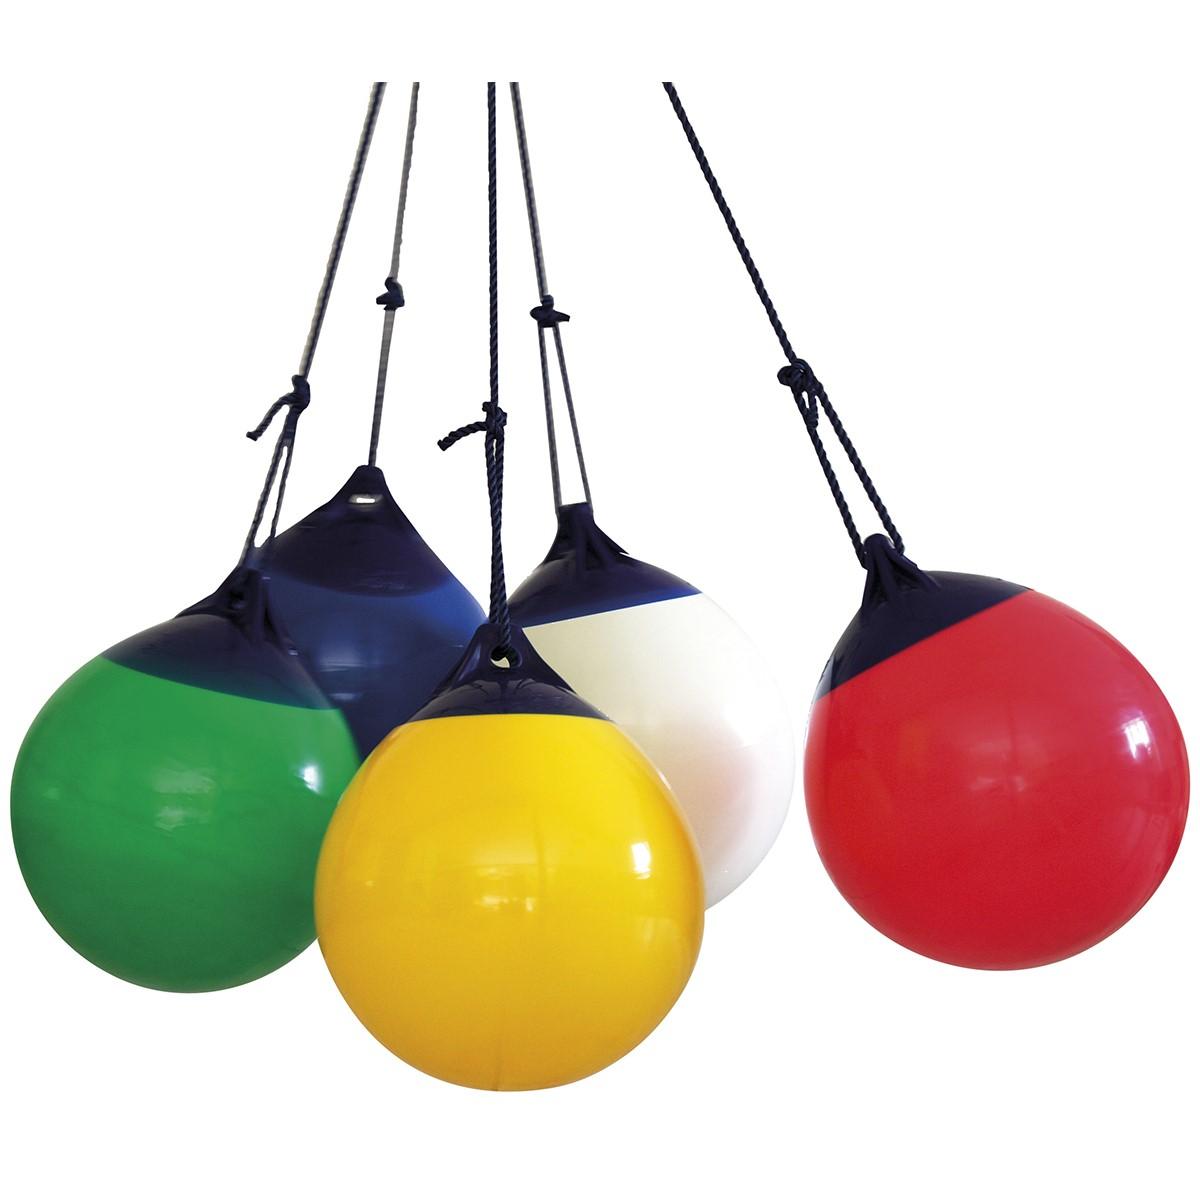 Balancoire Bois Interieur : Balan?oire Ball d'int?rieur ou d'ext?rieur FAB DESIGN